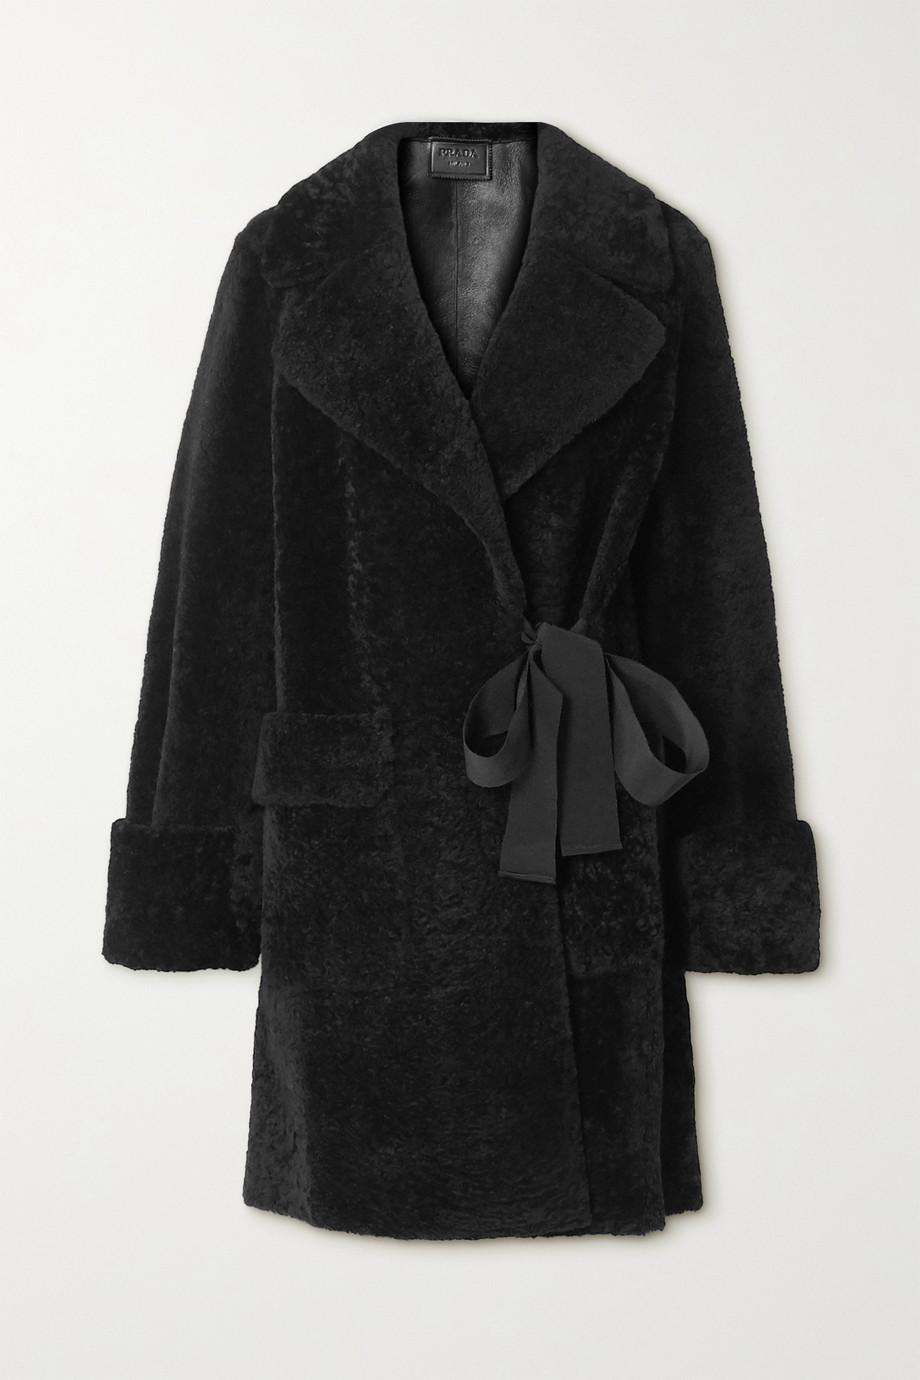 Prada Grosgrain-trimmed shearling coat